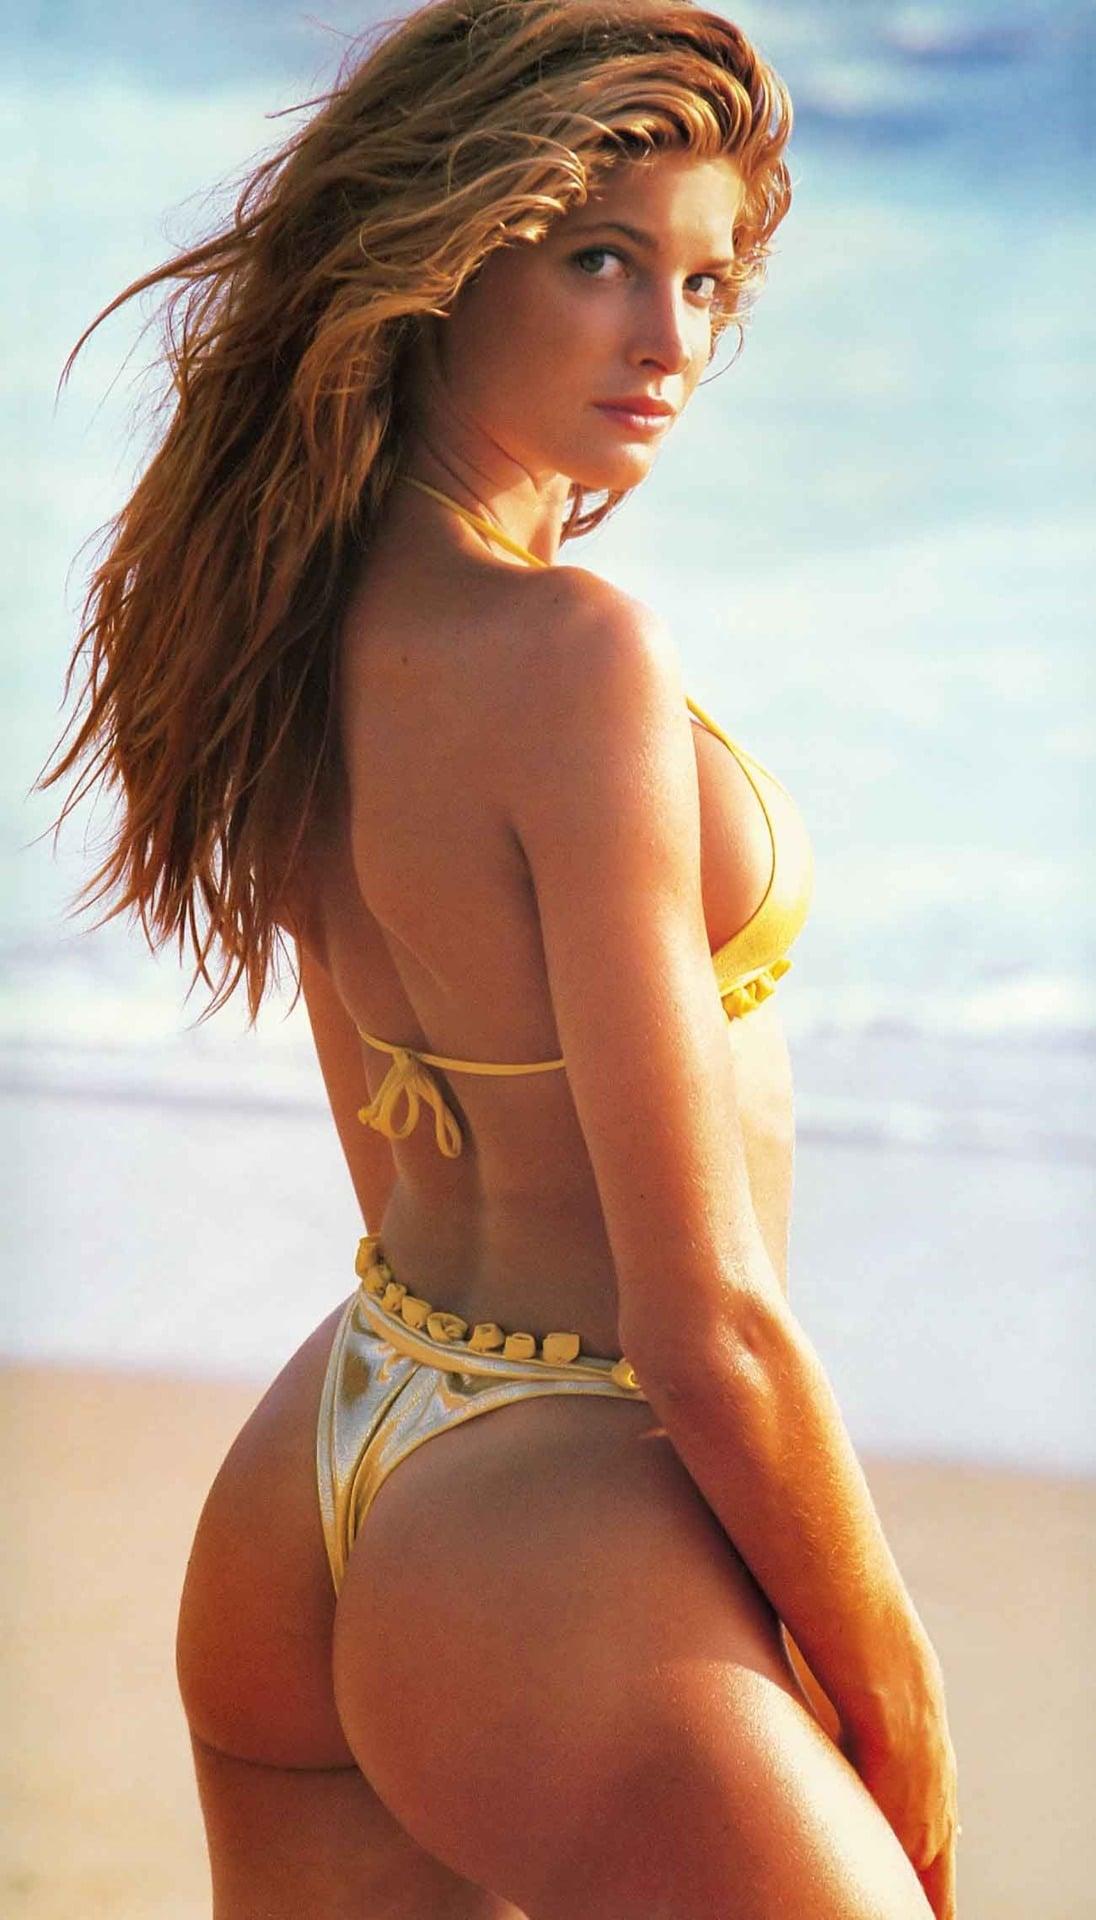 Porno bresilien agence escort girl